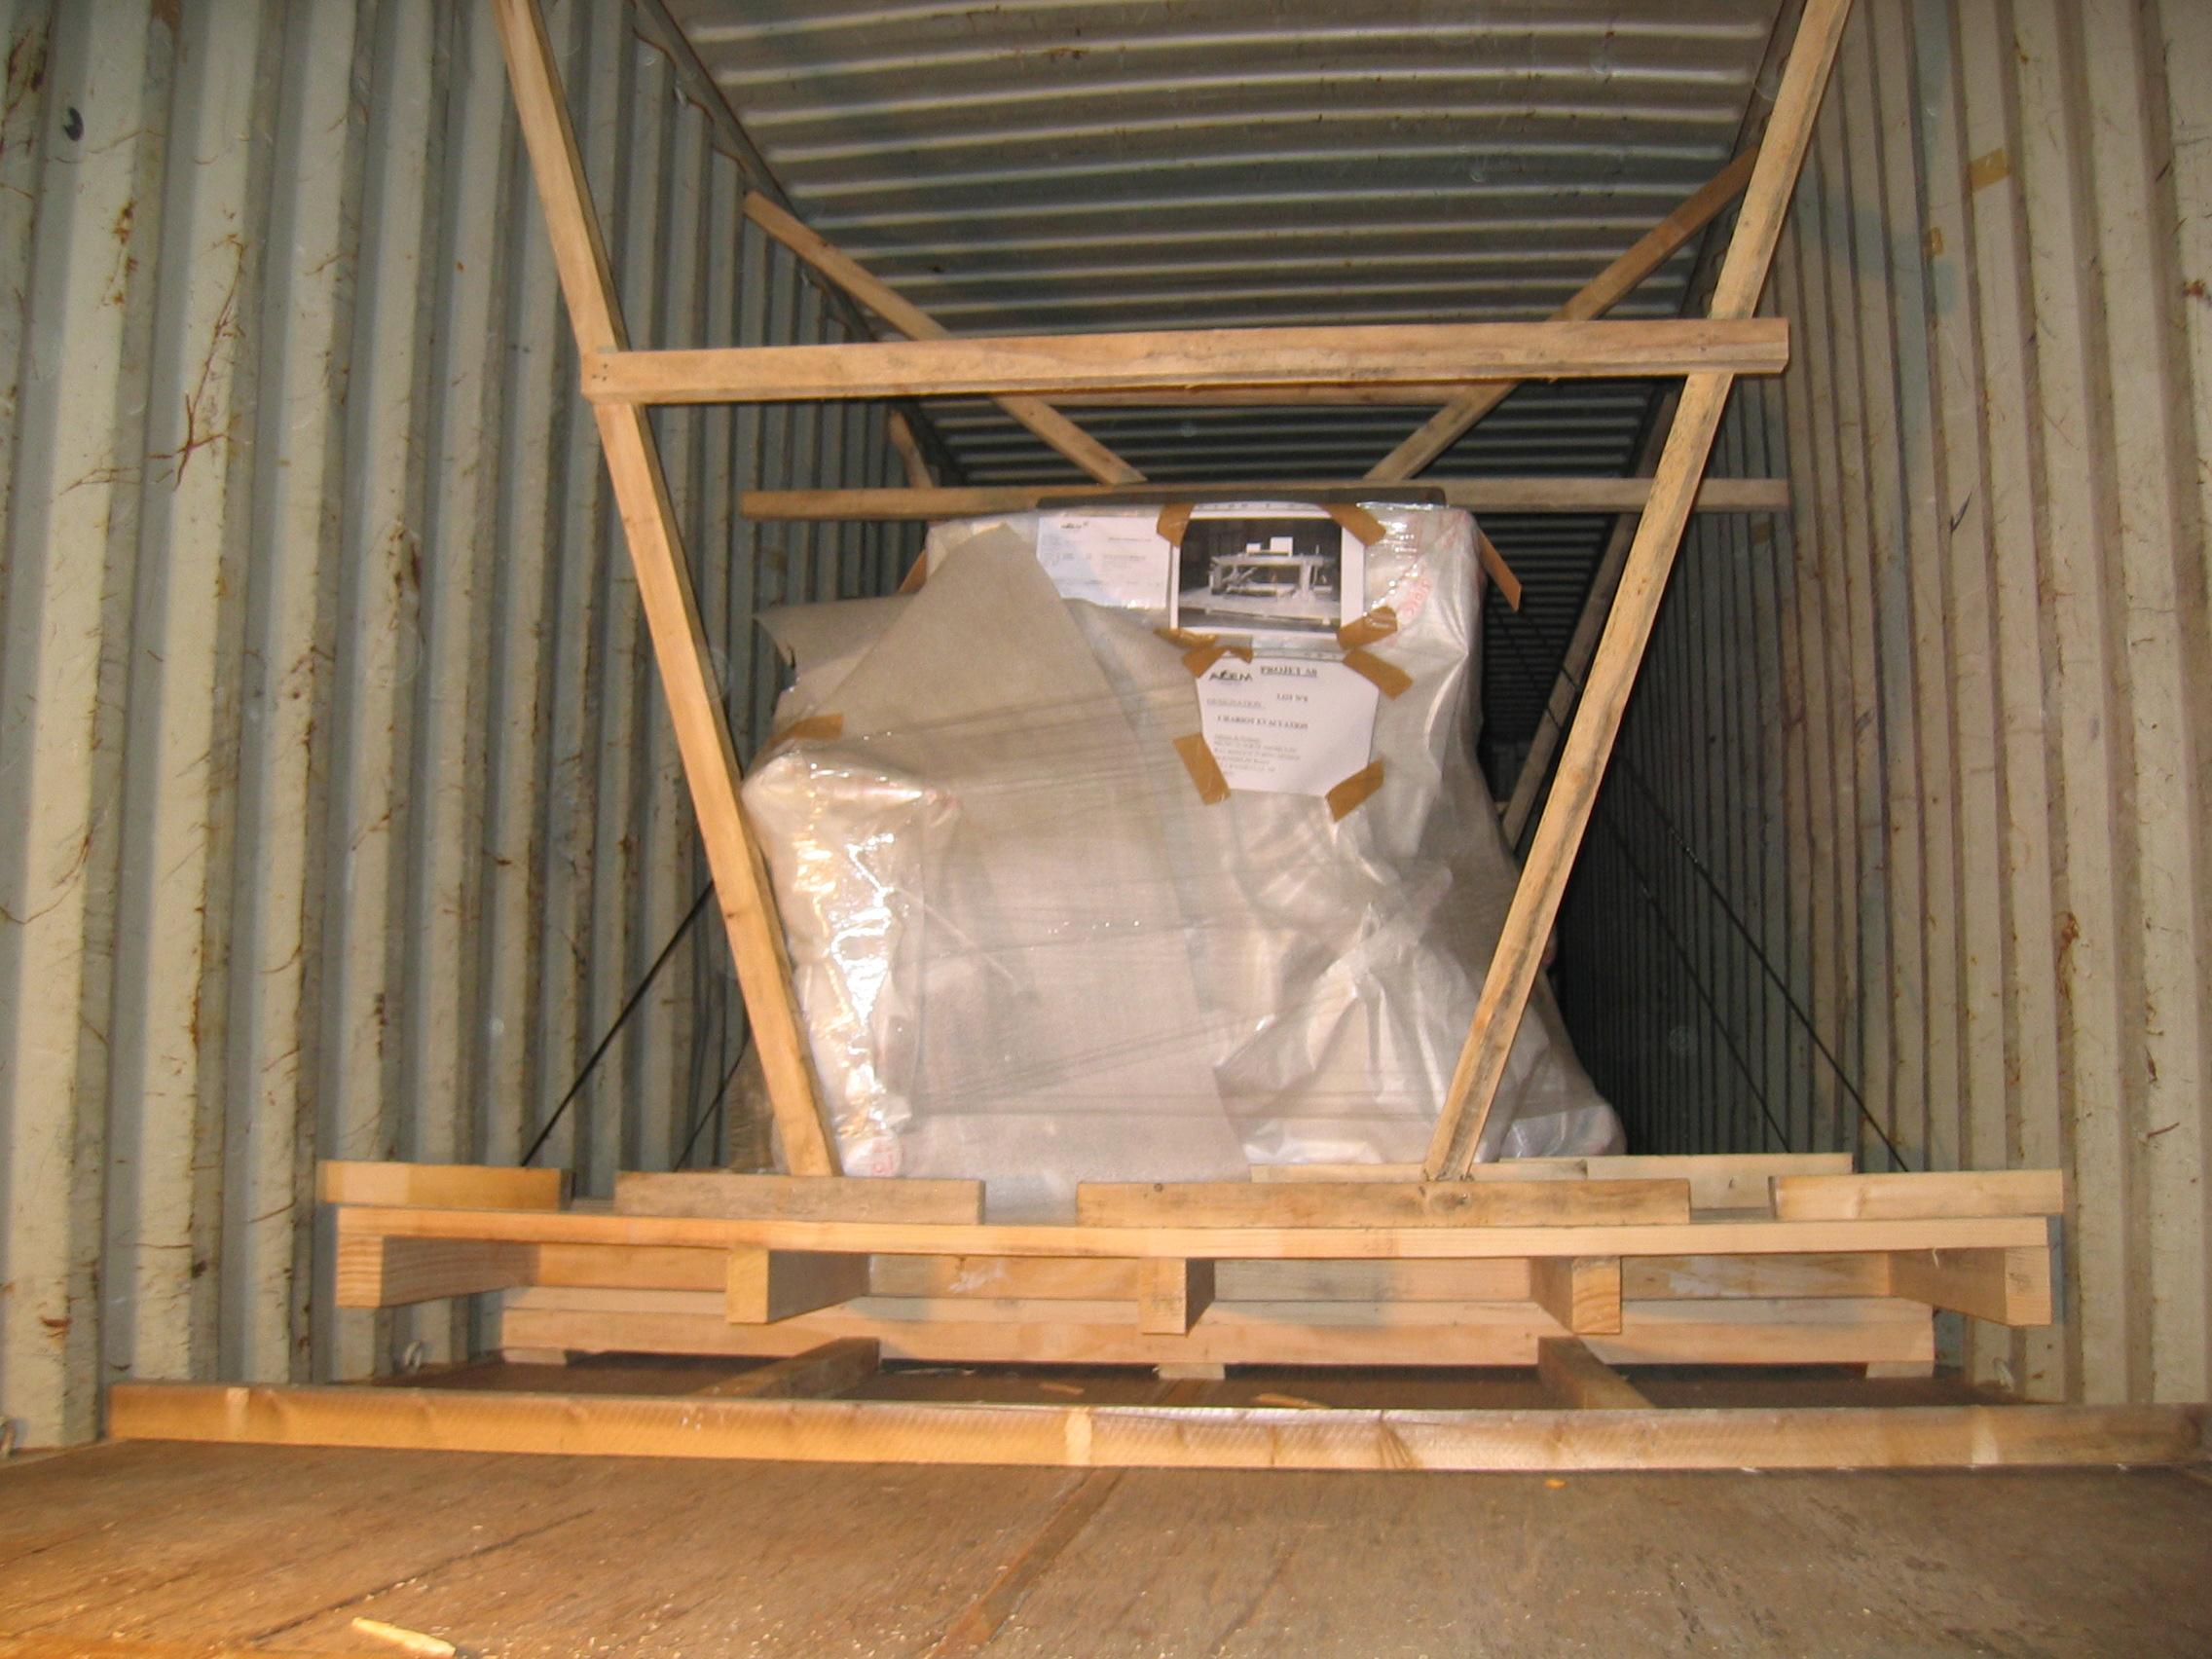 Mise en container et condannation par plomb - lagreulet SA (2)